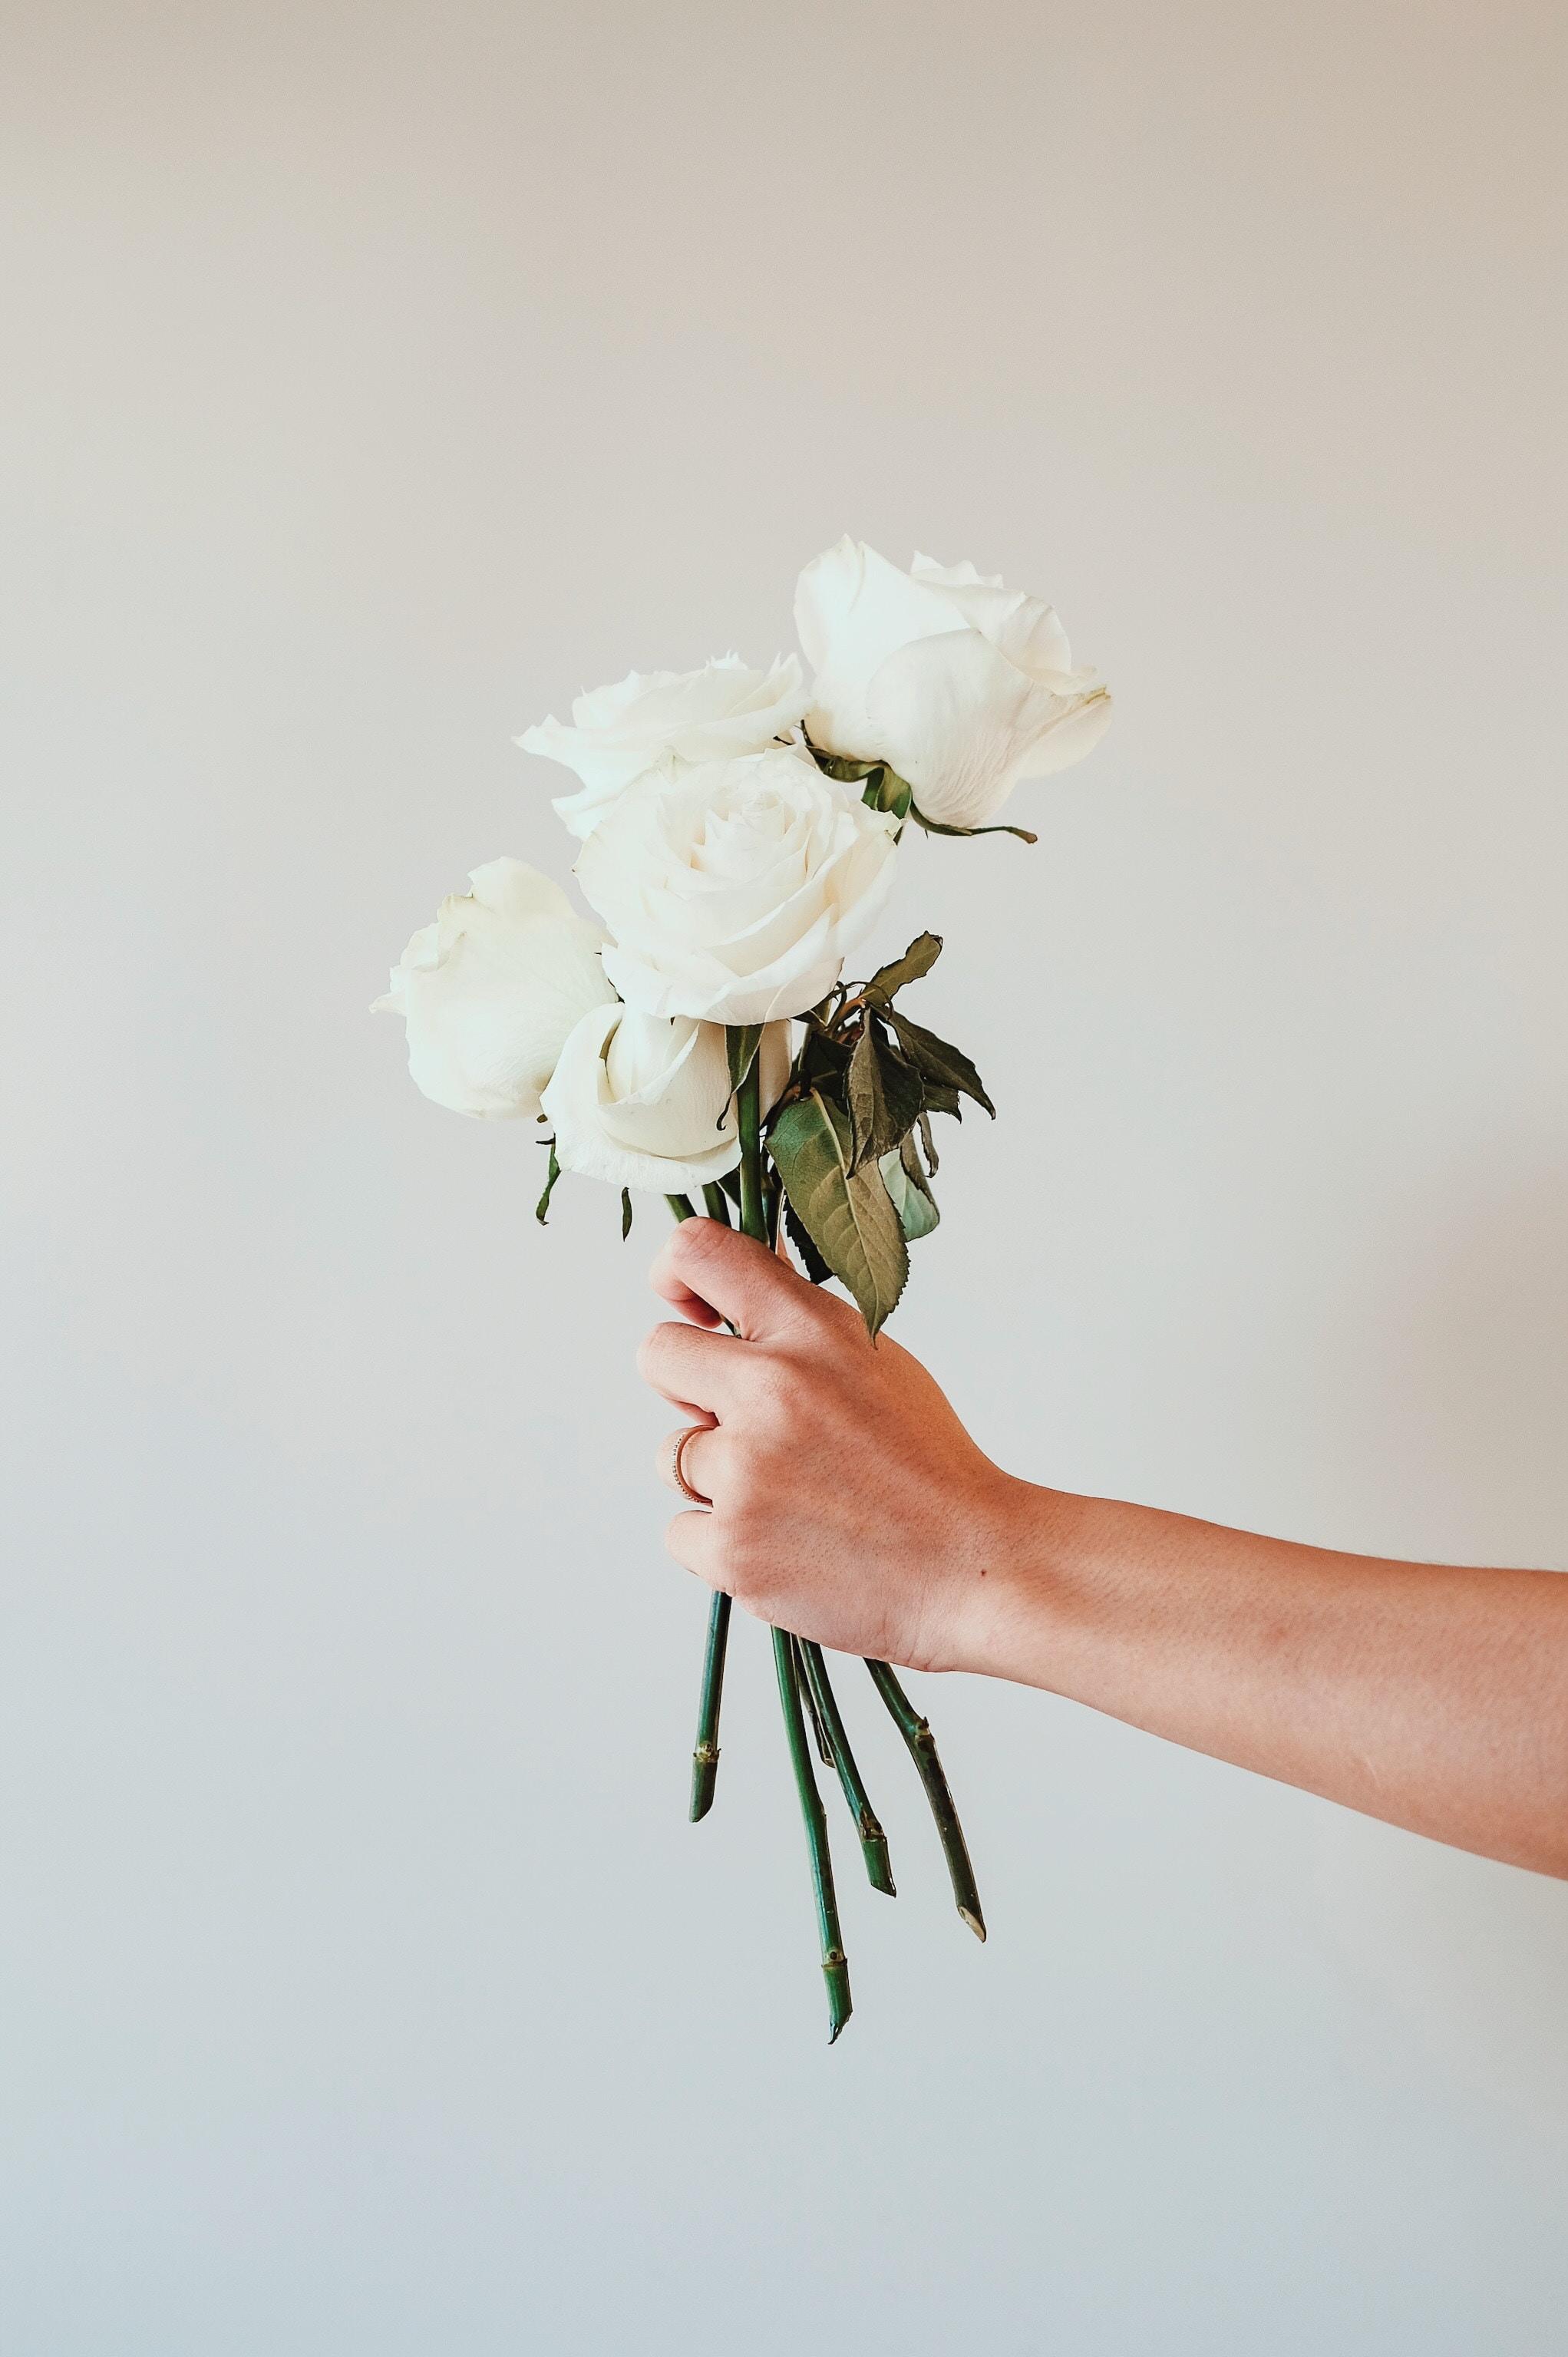 64858 скачать Белые обои на телефон бесплатно, Цветы, Розы, Рука, Букет Белые картинки и заставки на мобильный